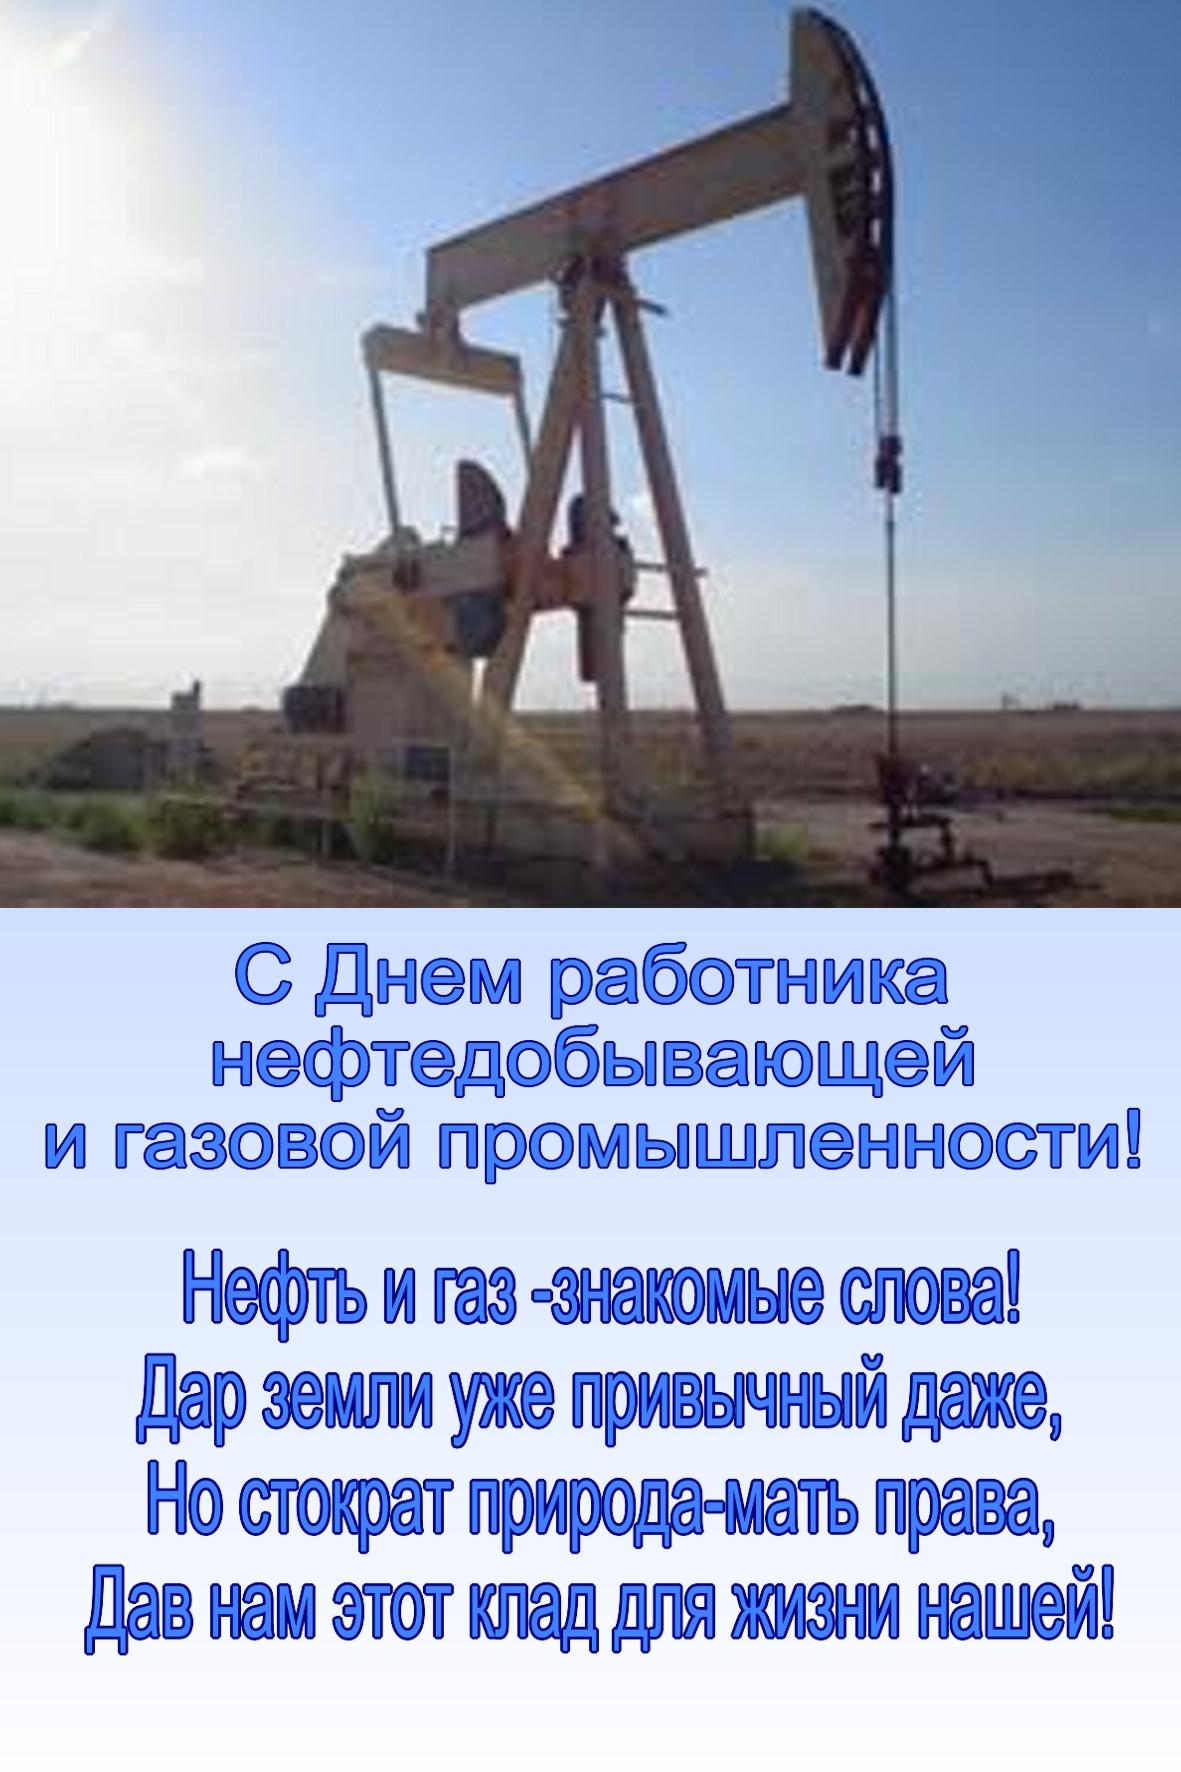 Поздравления на день нефтяника смс